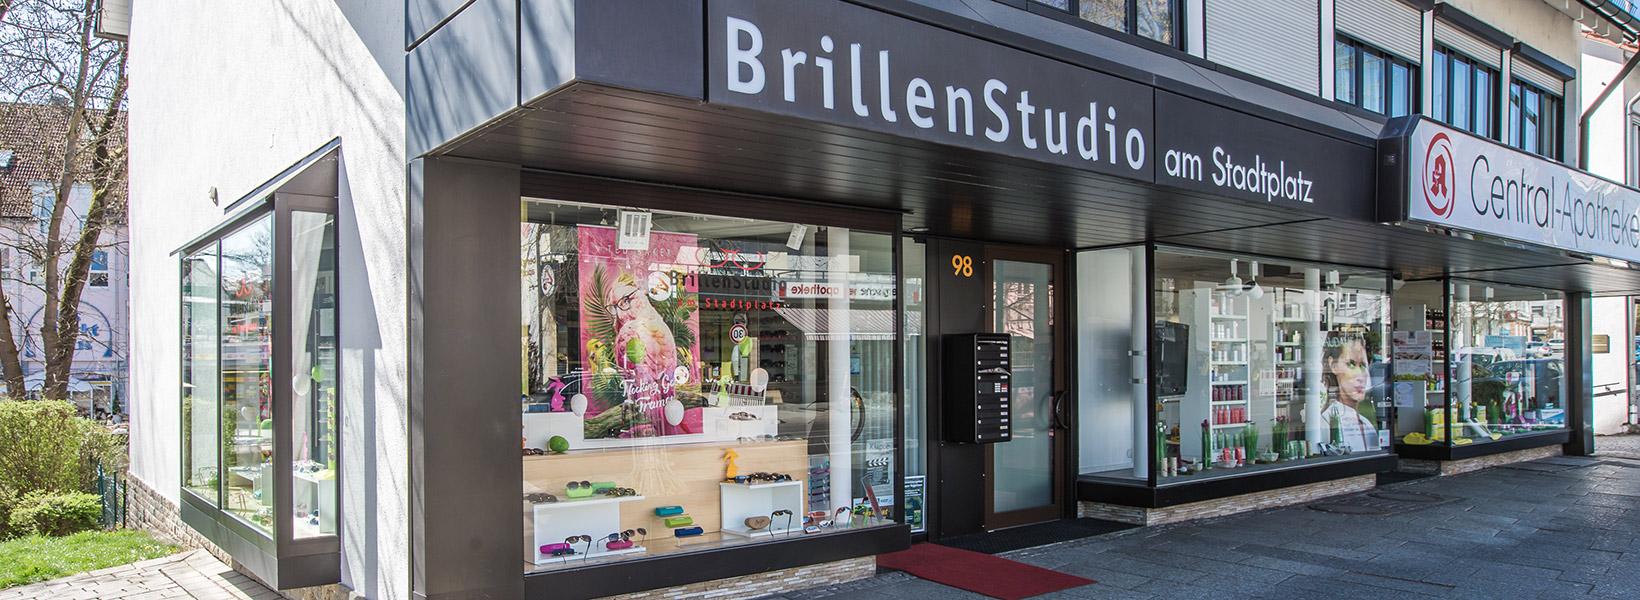 Brillenstudio am Stadtplatz Wernau